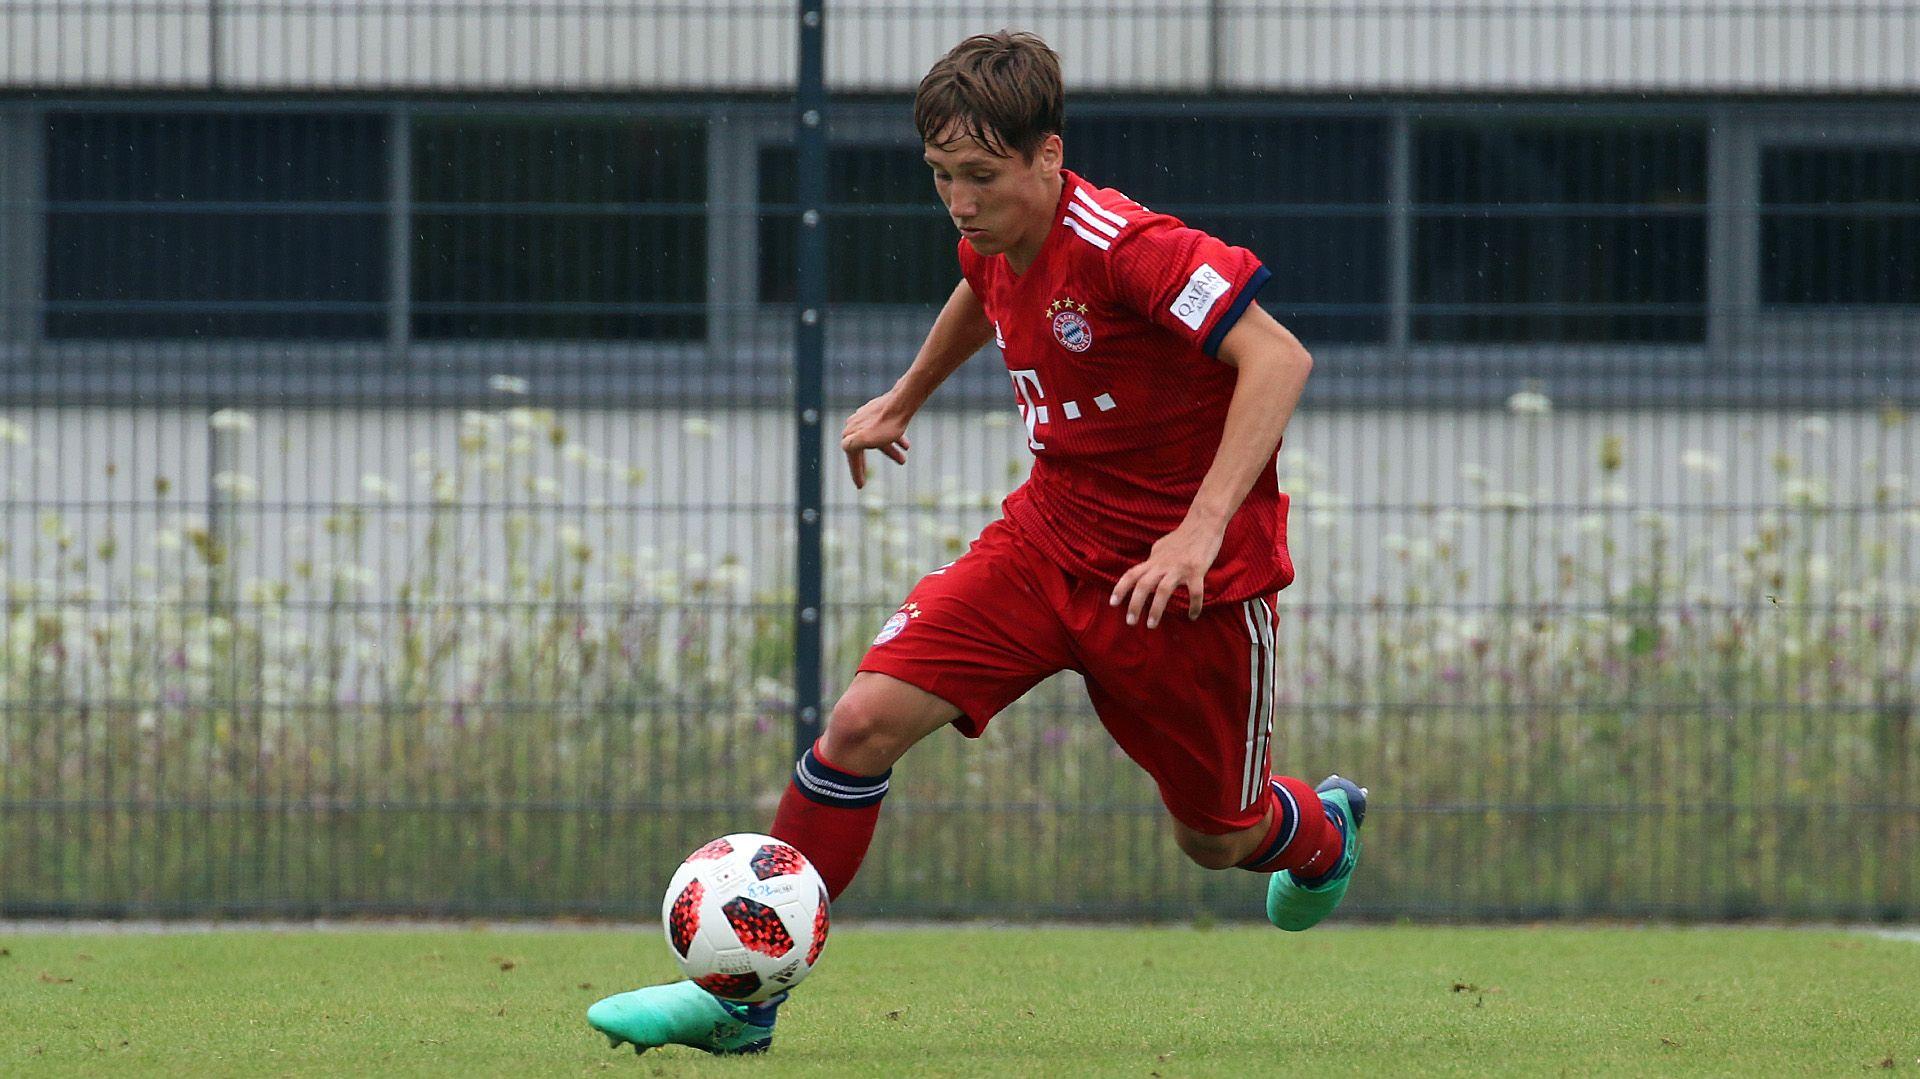 Jonas Kehl trainiert mit dem FC Bayern in den USA